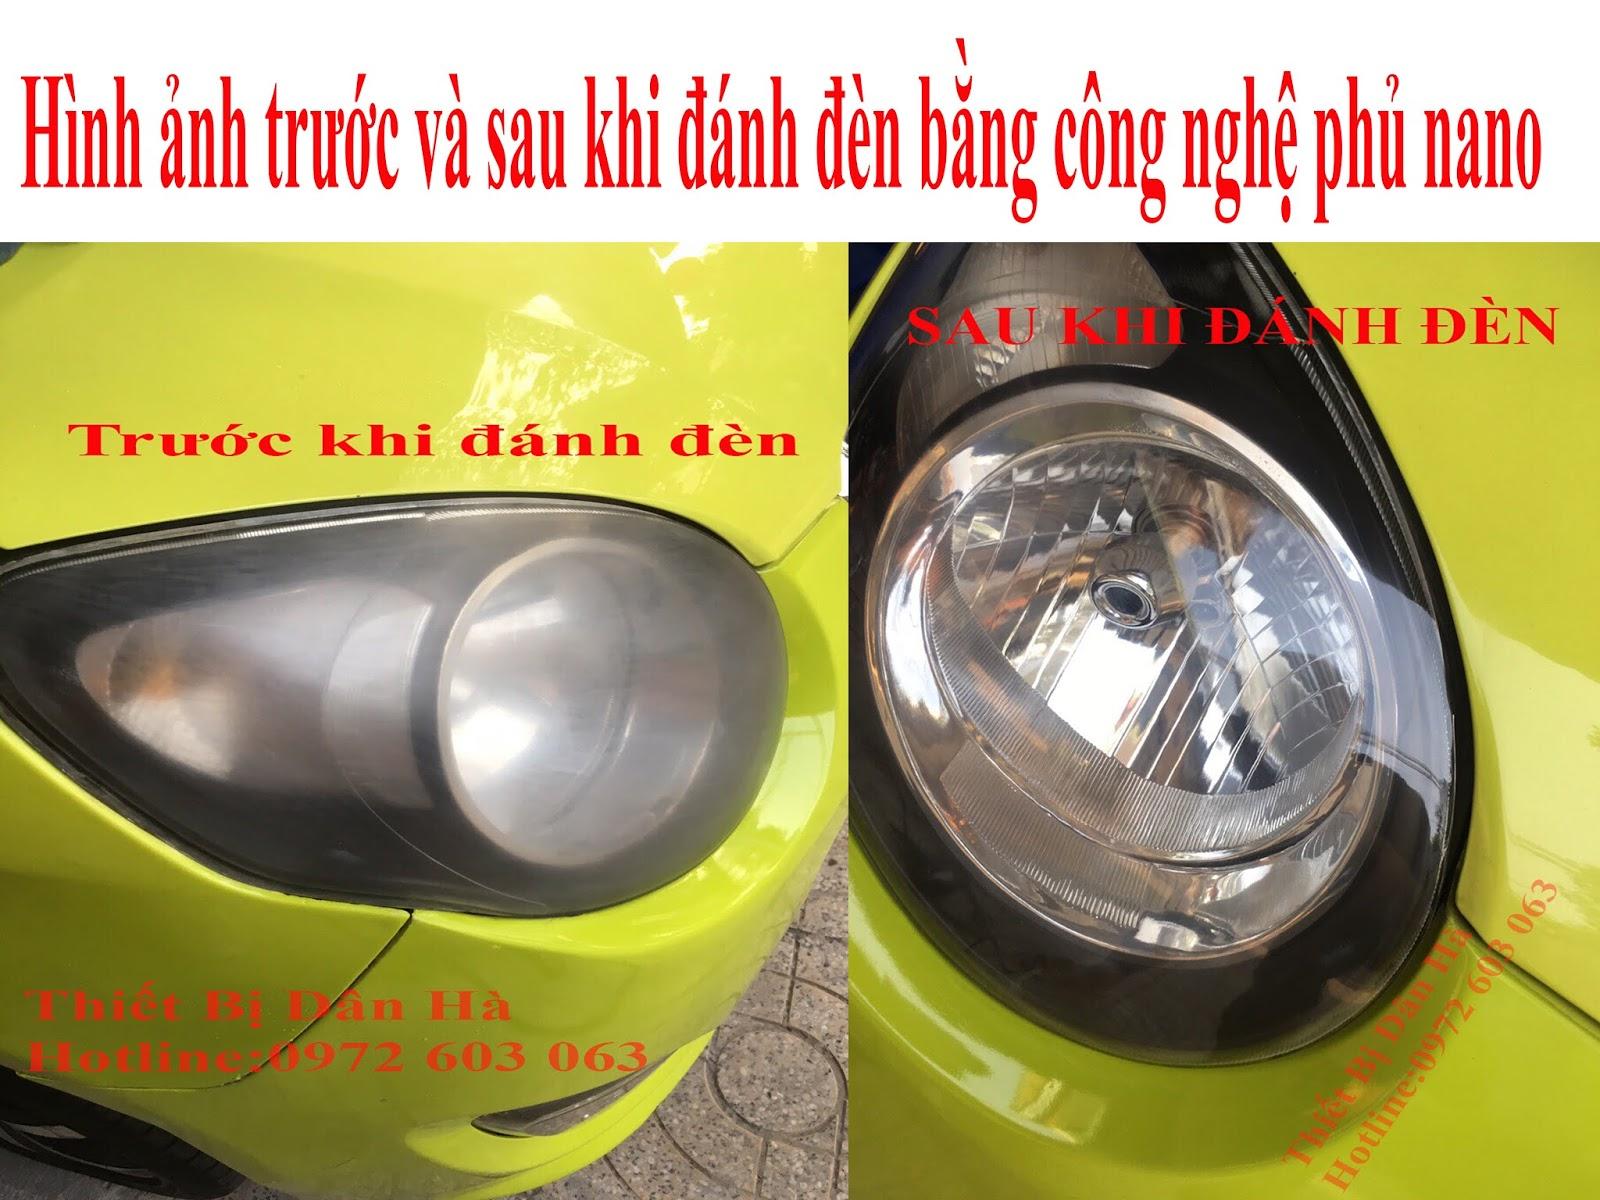 Bo_phuc_hoi_sang_bong_den_bang_cong_nghe_phu_na_no